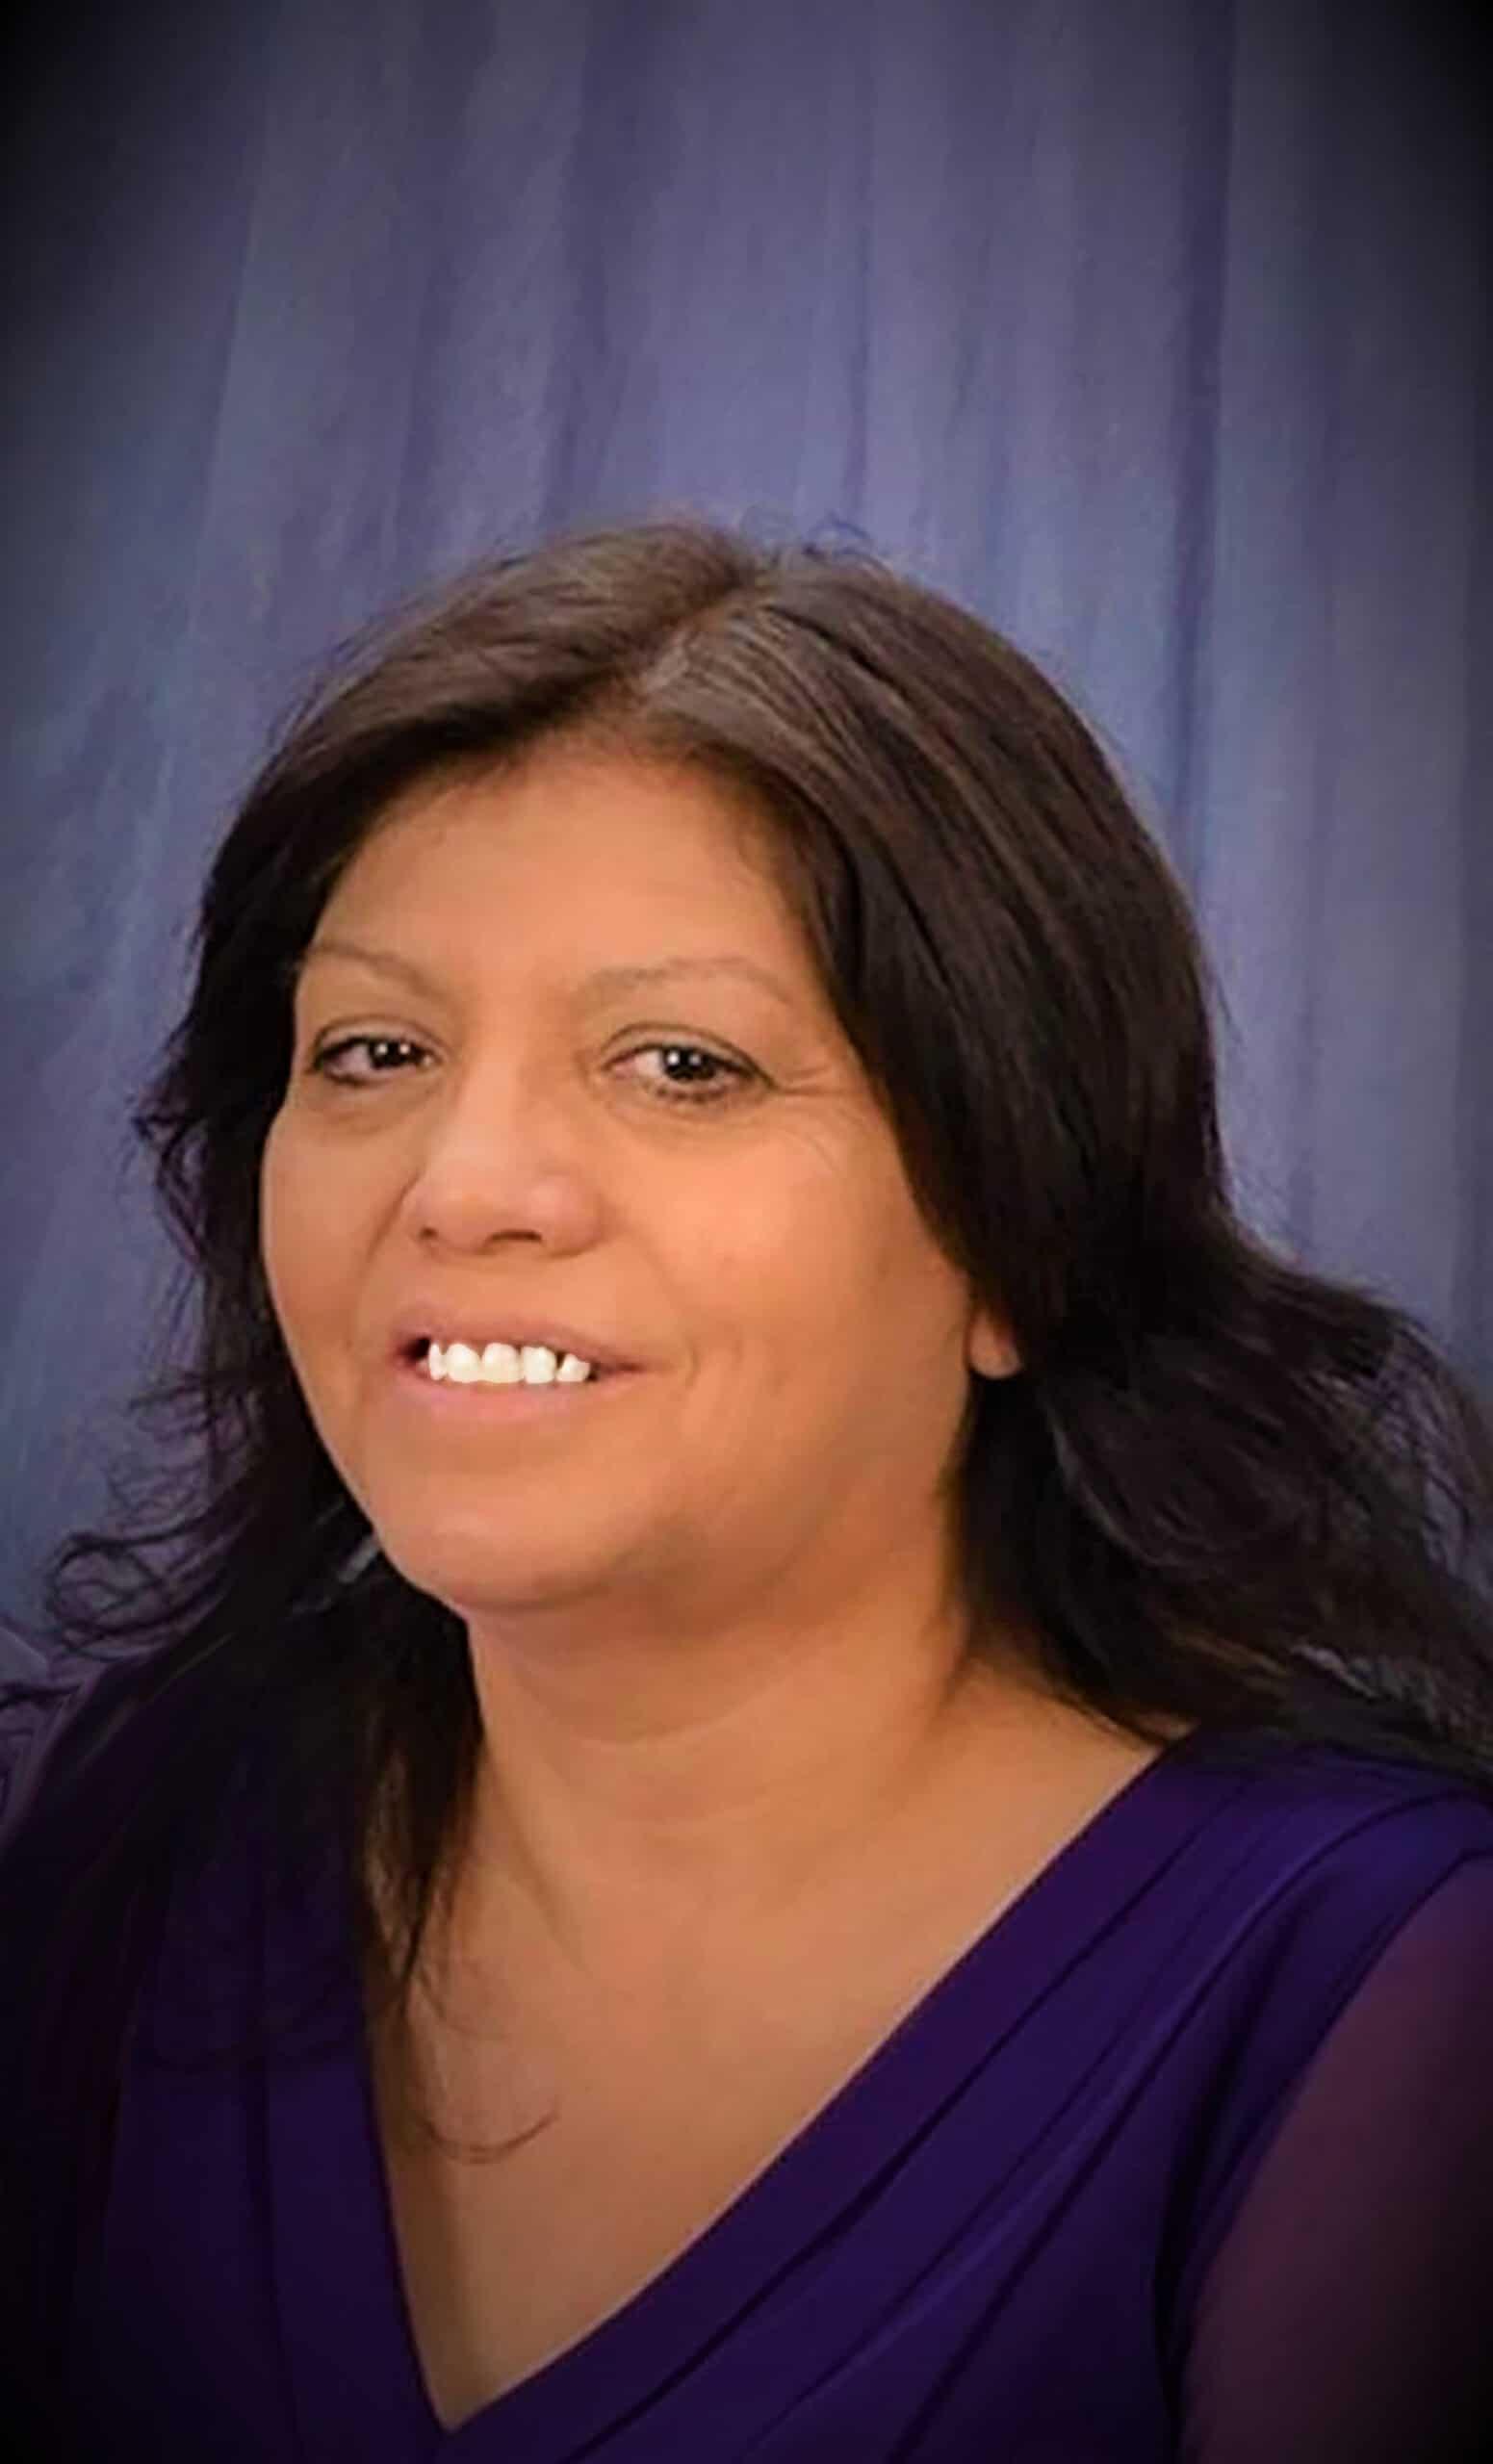 Kathy Morales Munguia